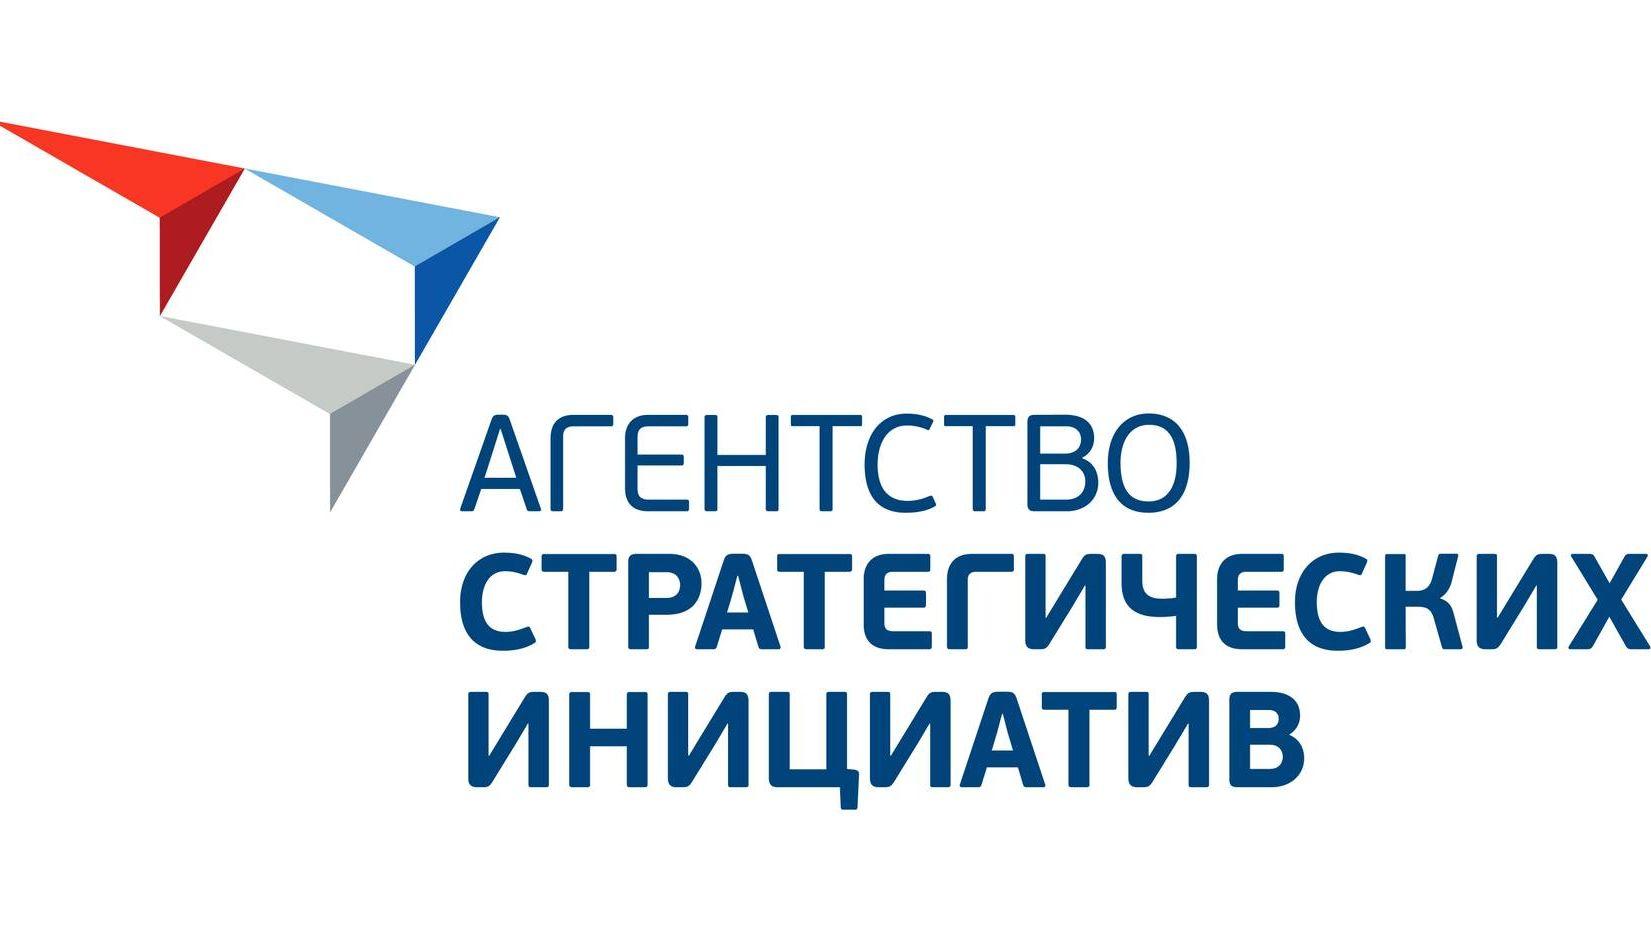 ВЭБ рассчитывает до1мая реализовать Проминвестбанк